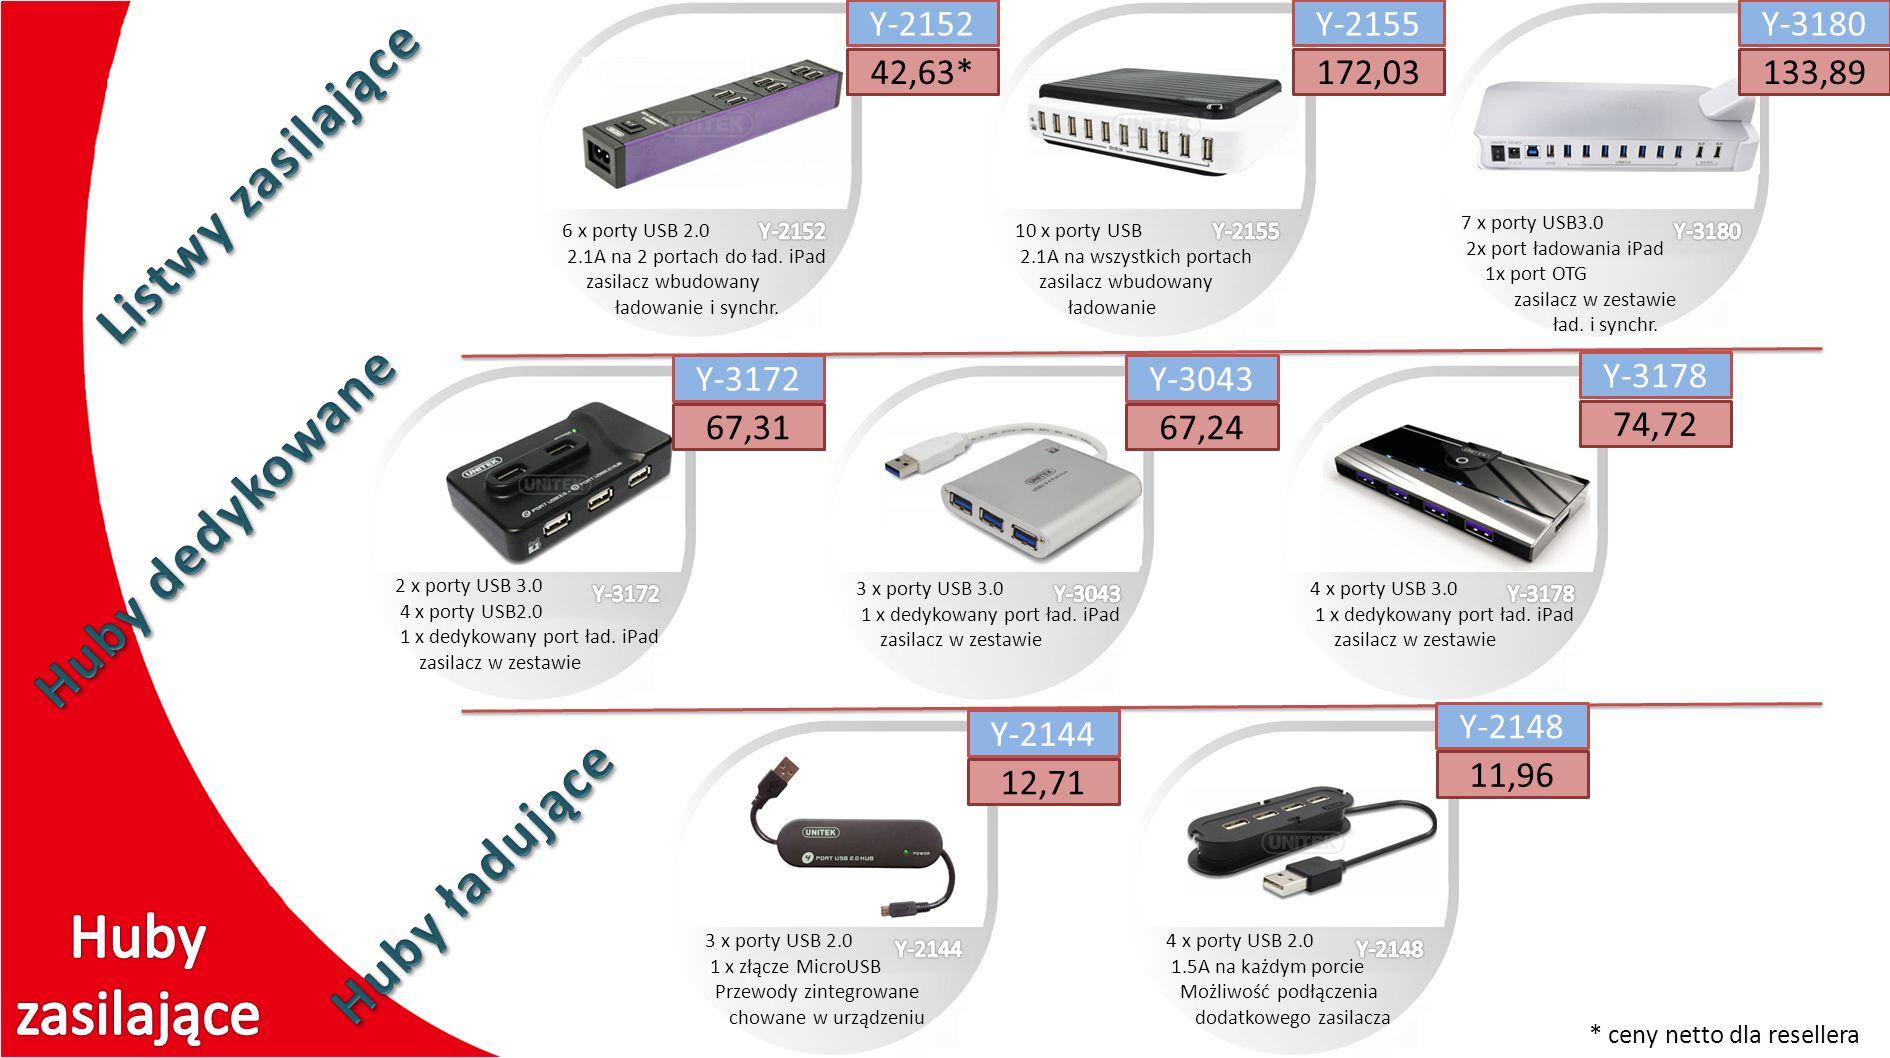 WiFi - HDMI iOS / Android / Mac / Windows DLNA, Miracast, AirPlay, EZcast Wideo/Muzyka/Zdjęcia Pulpit WiFi - HDMI iOS / Android / Windows DLNA, Miracast, Wideo/Muzyka/Zdjęcia Pulpit Slimport - HDMI Wejście: Slimport(MicroUSB) Wyjście: HDMI MicroUSB – ładowanie Rozdz.